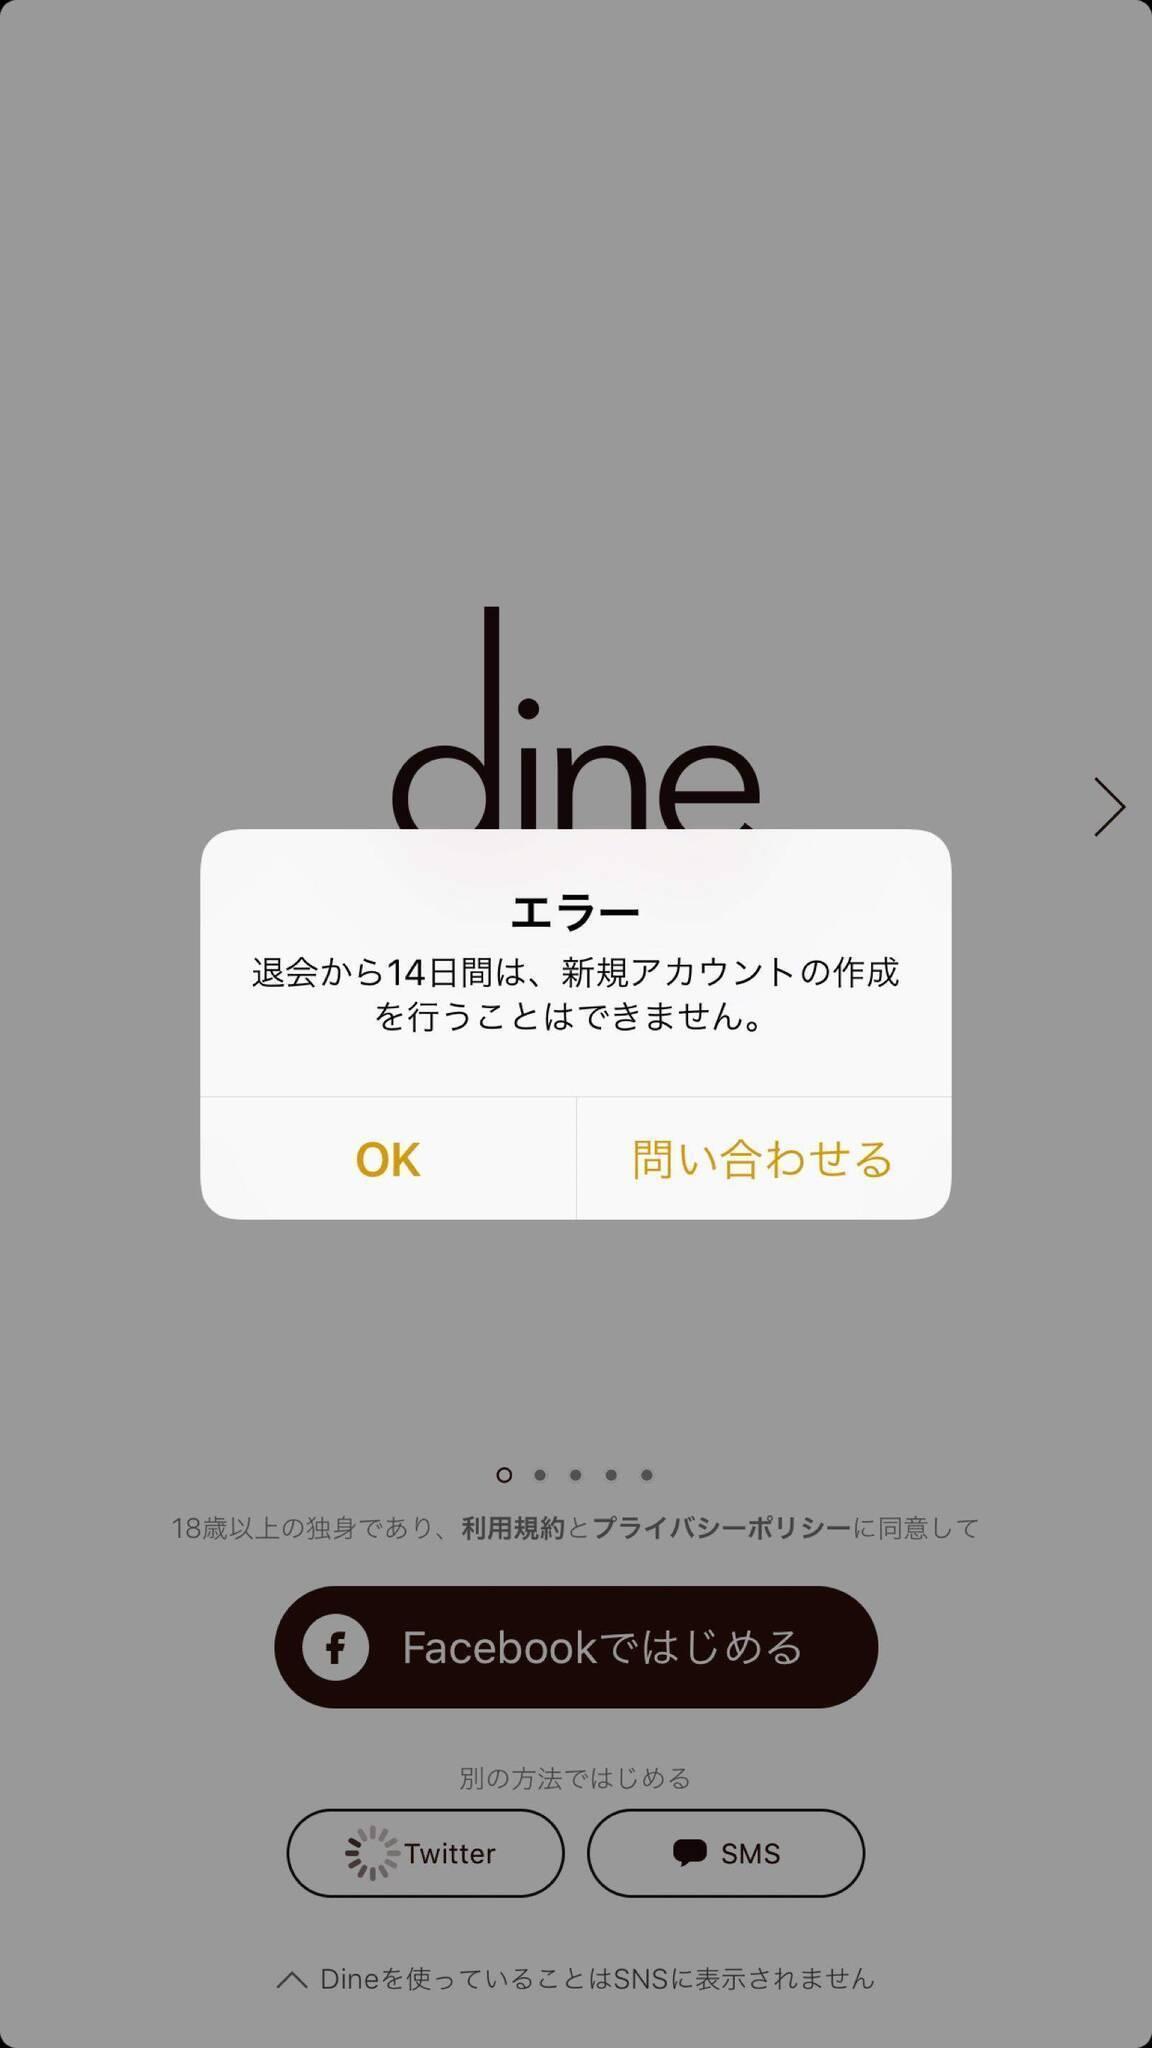 dine(ダイン) 14日間再登録をすることができない